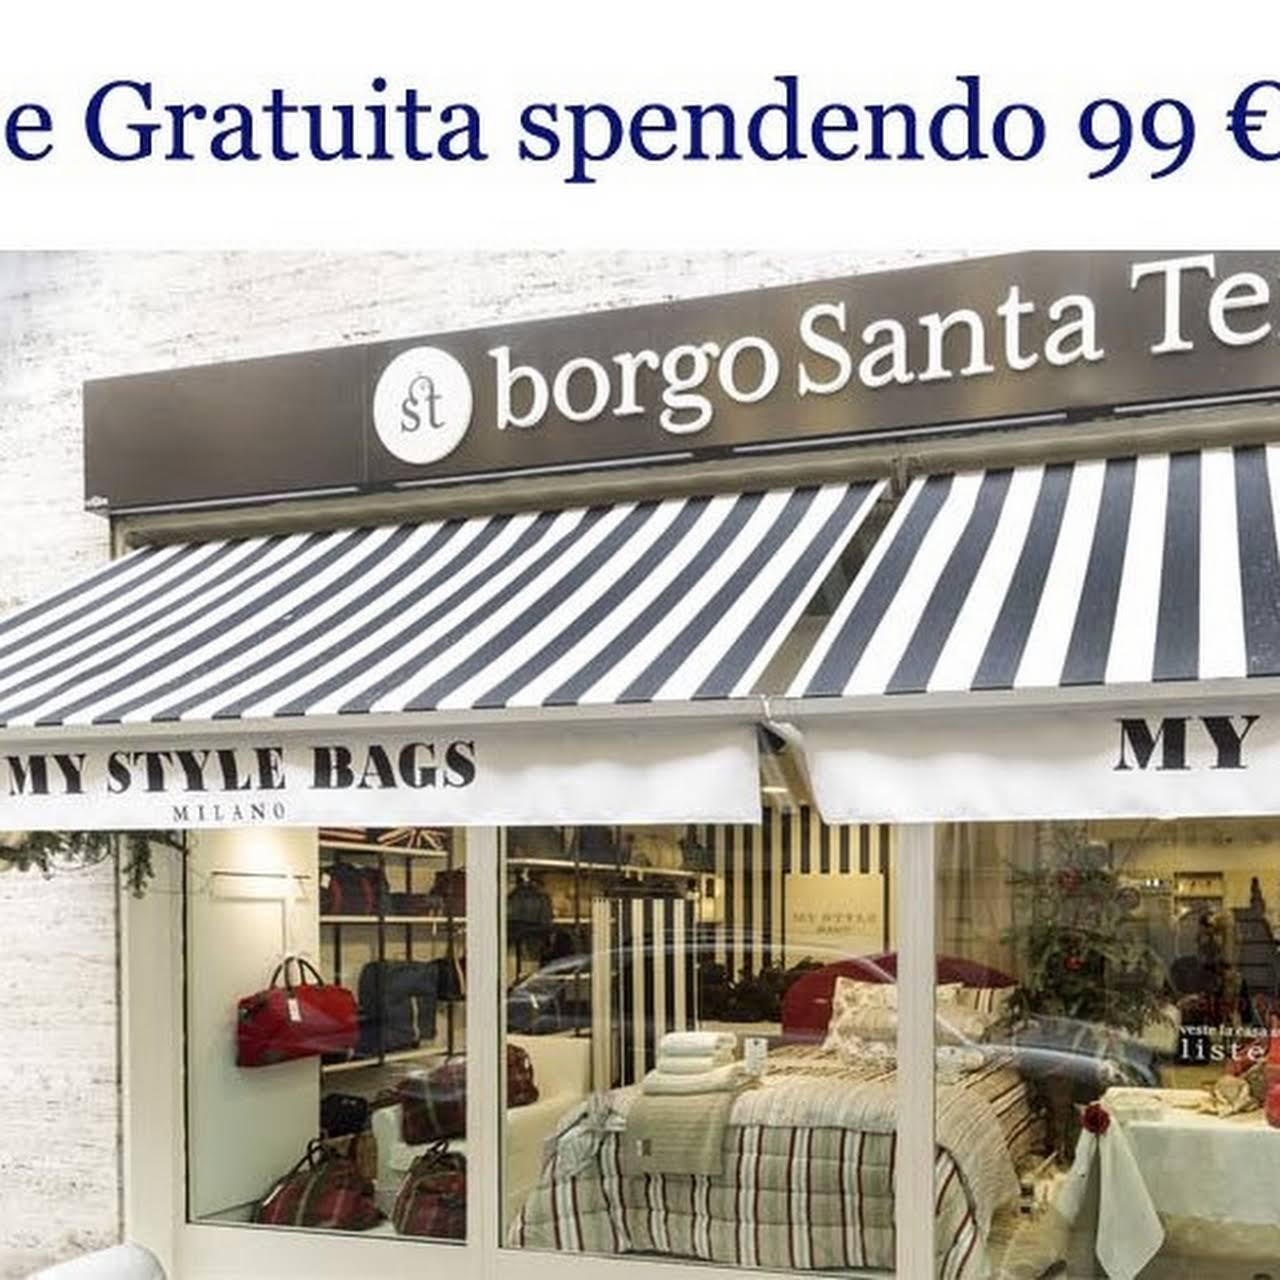 Negozi Biancheria Casa Torino borgo santa teresa - negozio di biancheria a torino